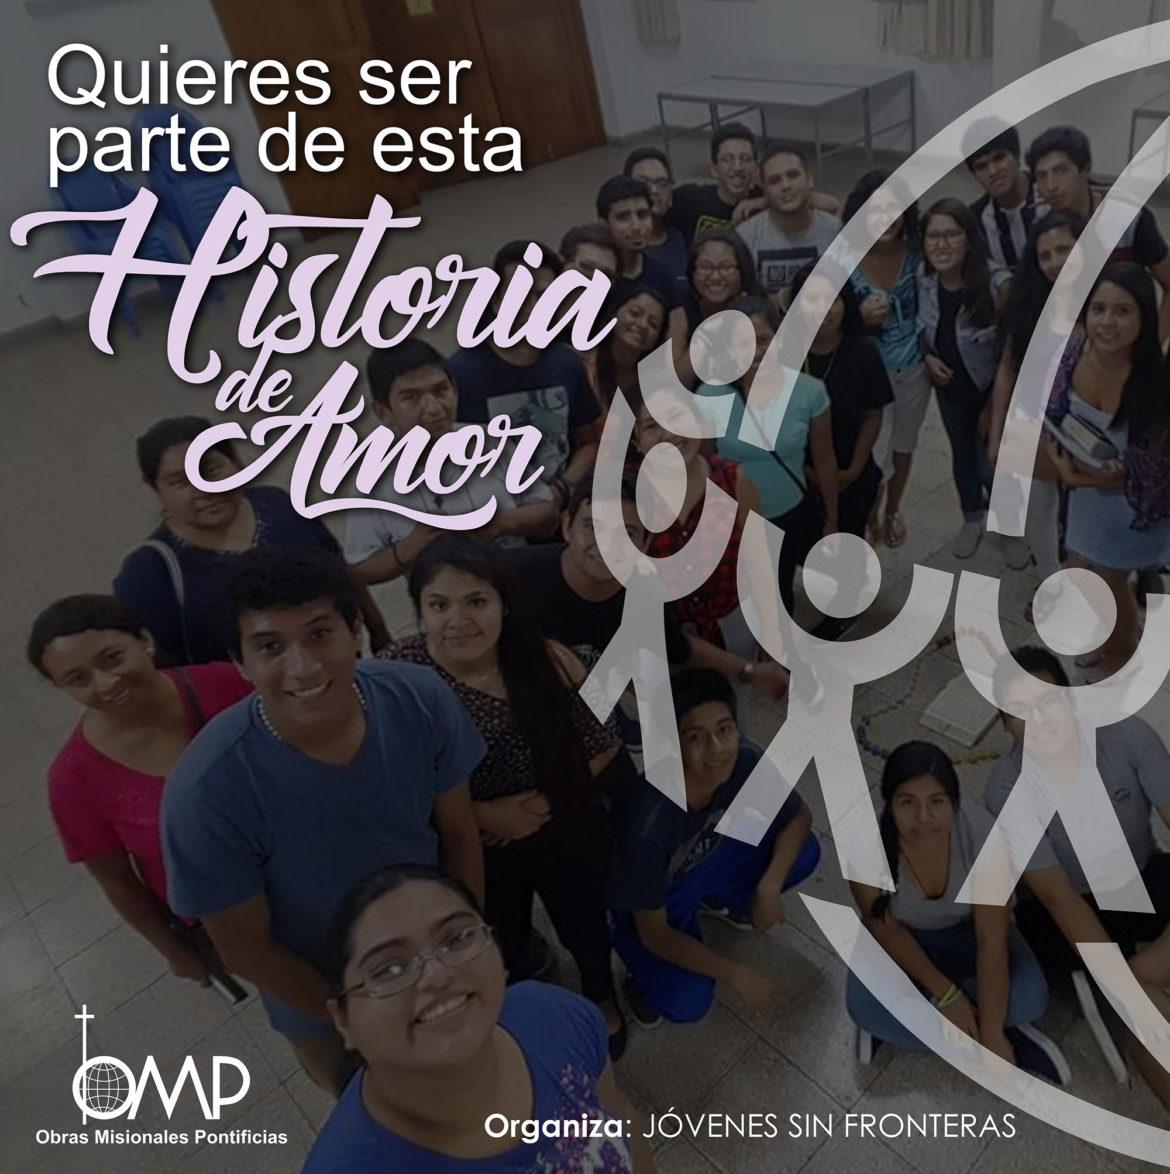 Jovenes Sin Fronteras, te invitamos a formar parte de esta historia de amor